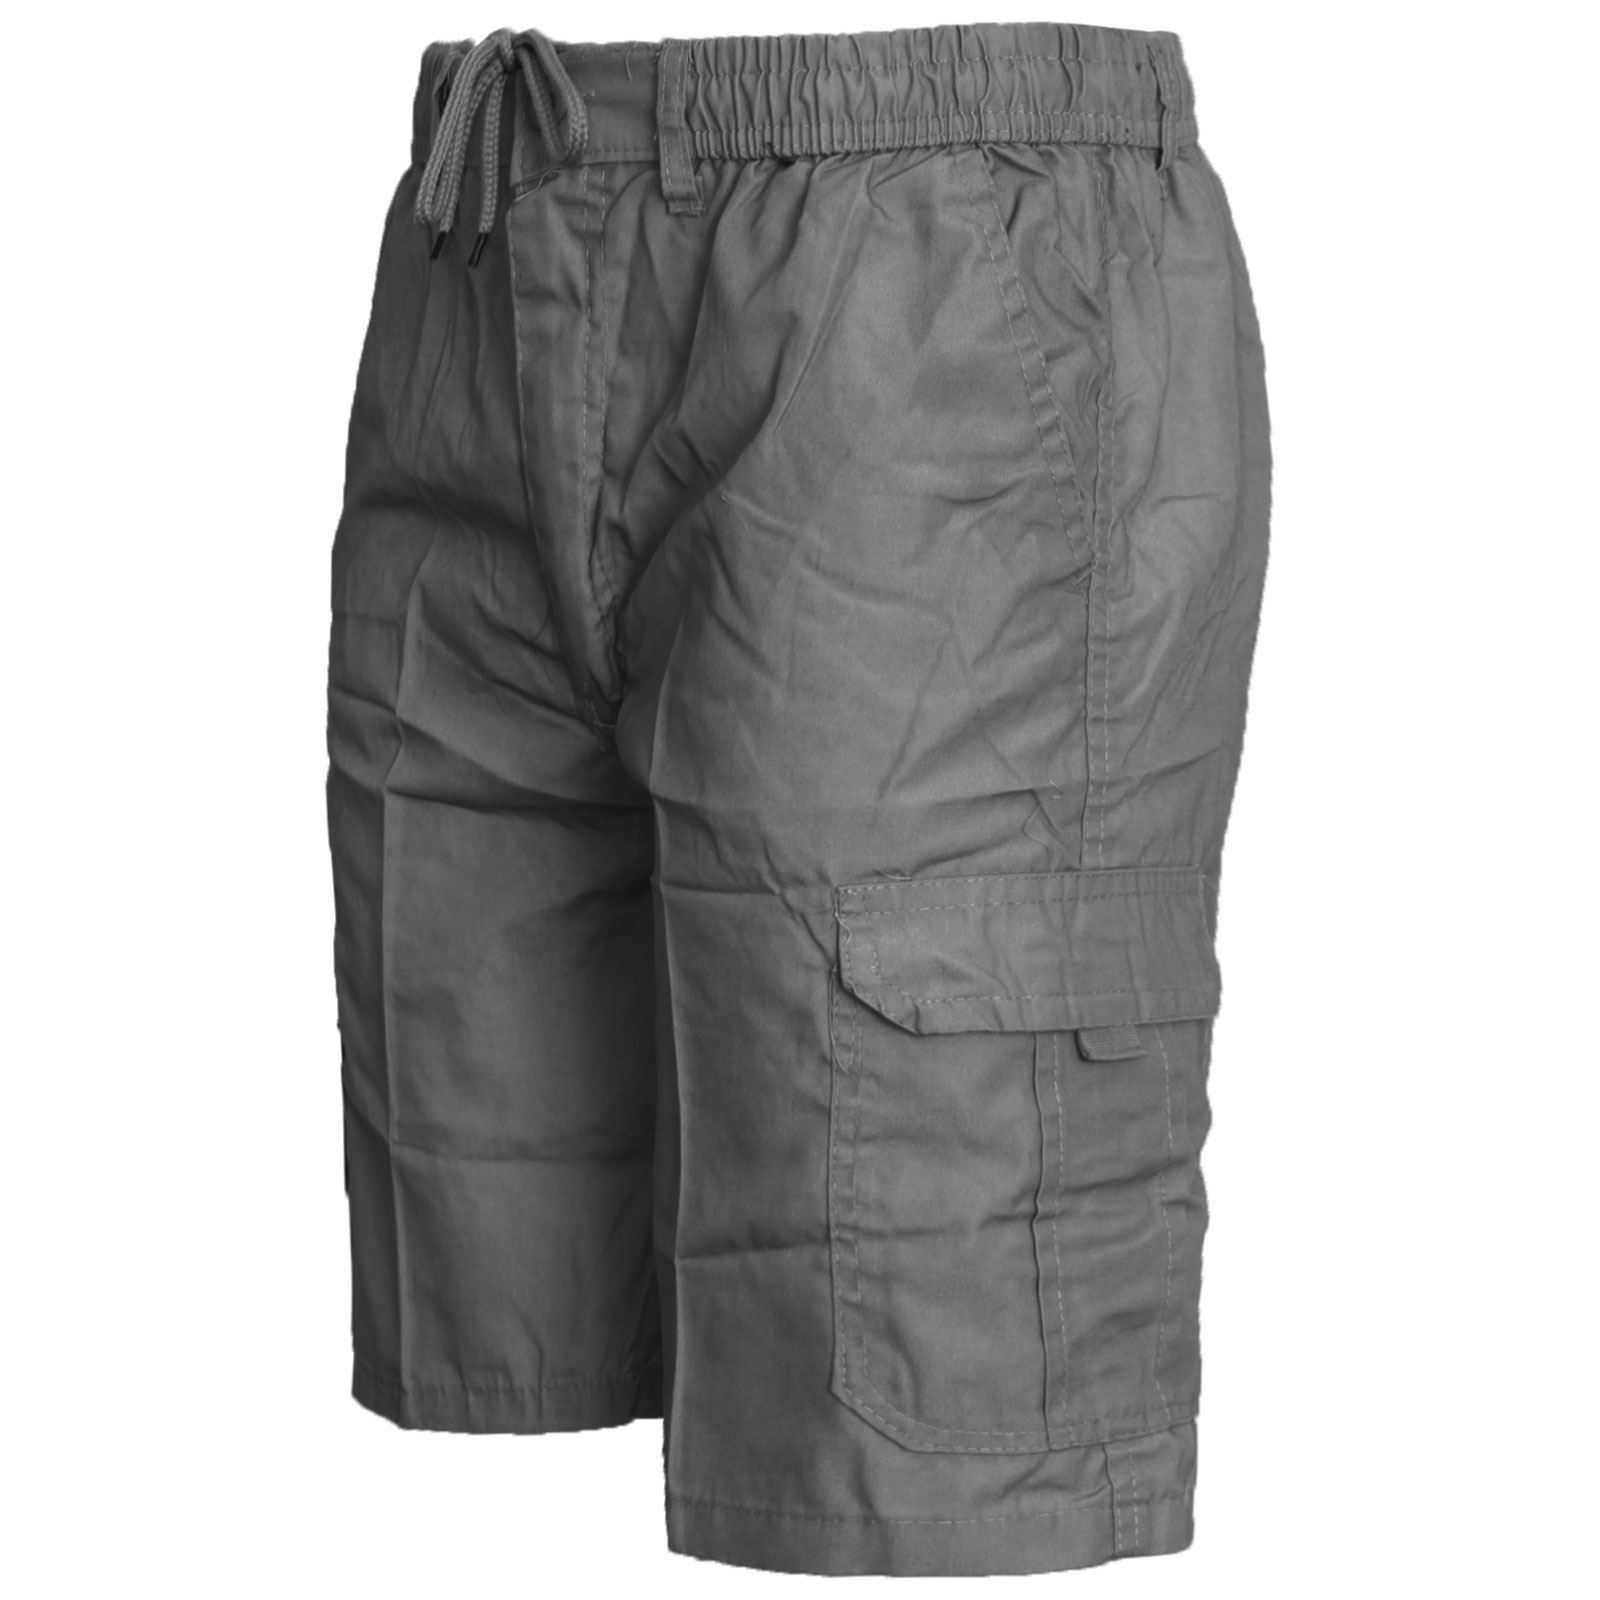 Para-Hombre-De-Carga-Combate-Pantalones-Cortos-Elastico-Verano-Informal-De-Algodon-Pantalones-Cortos miniatura 7